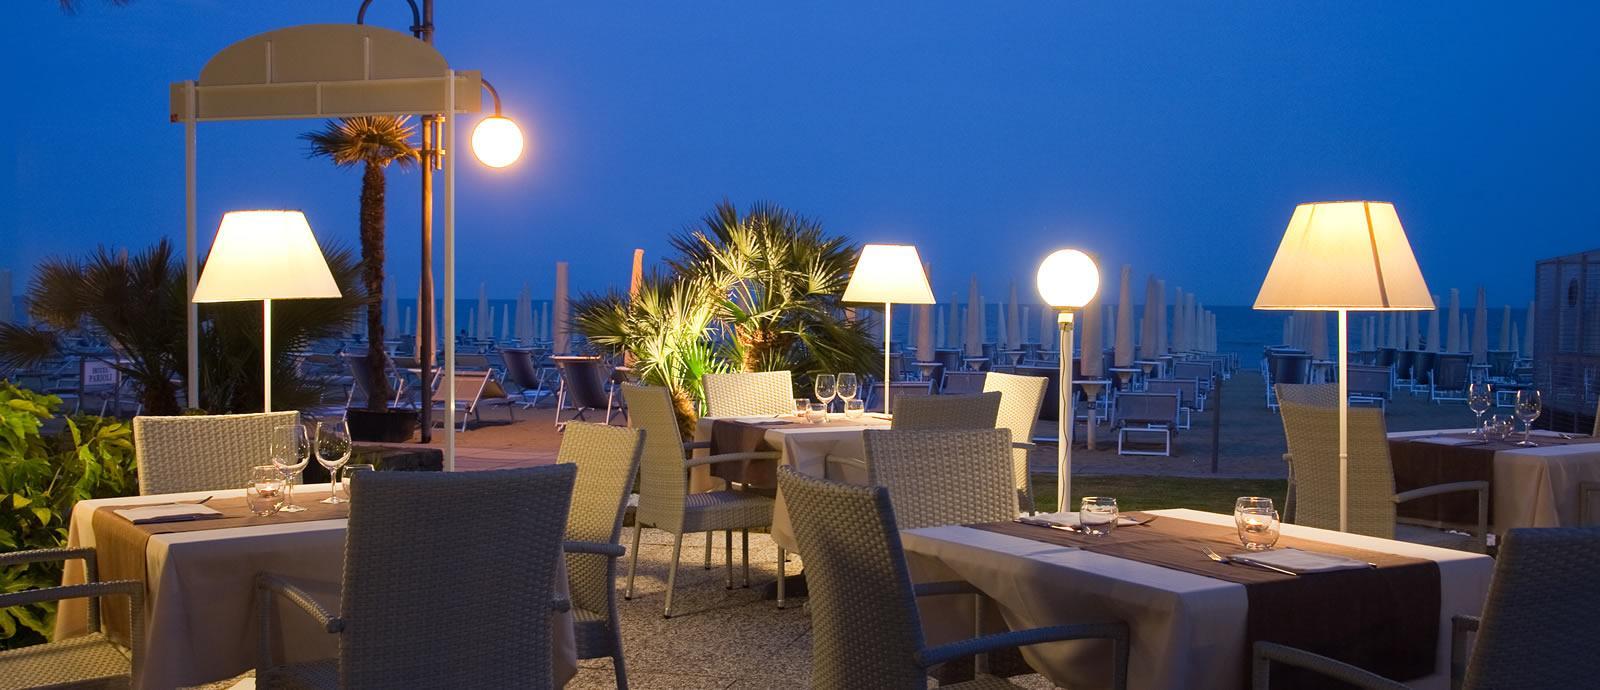 Hotel 3 Stelle Fronte Mare Jesolo - Hotel Sanremo